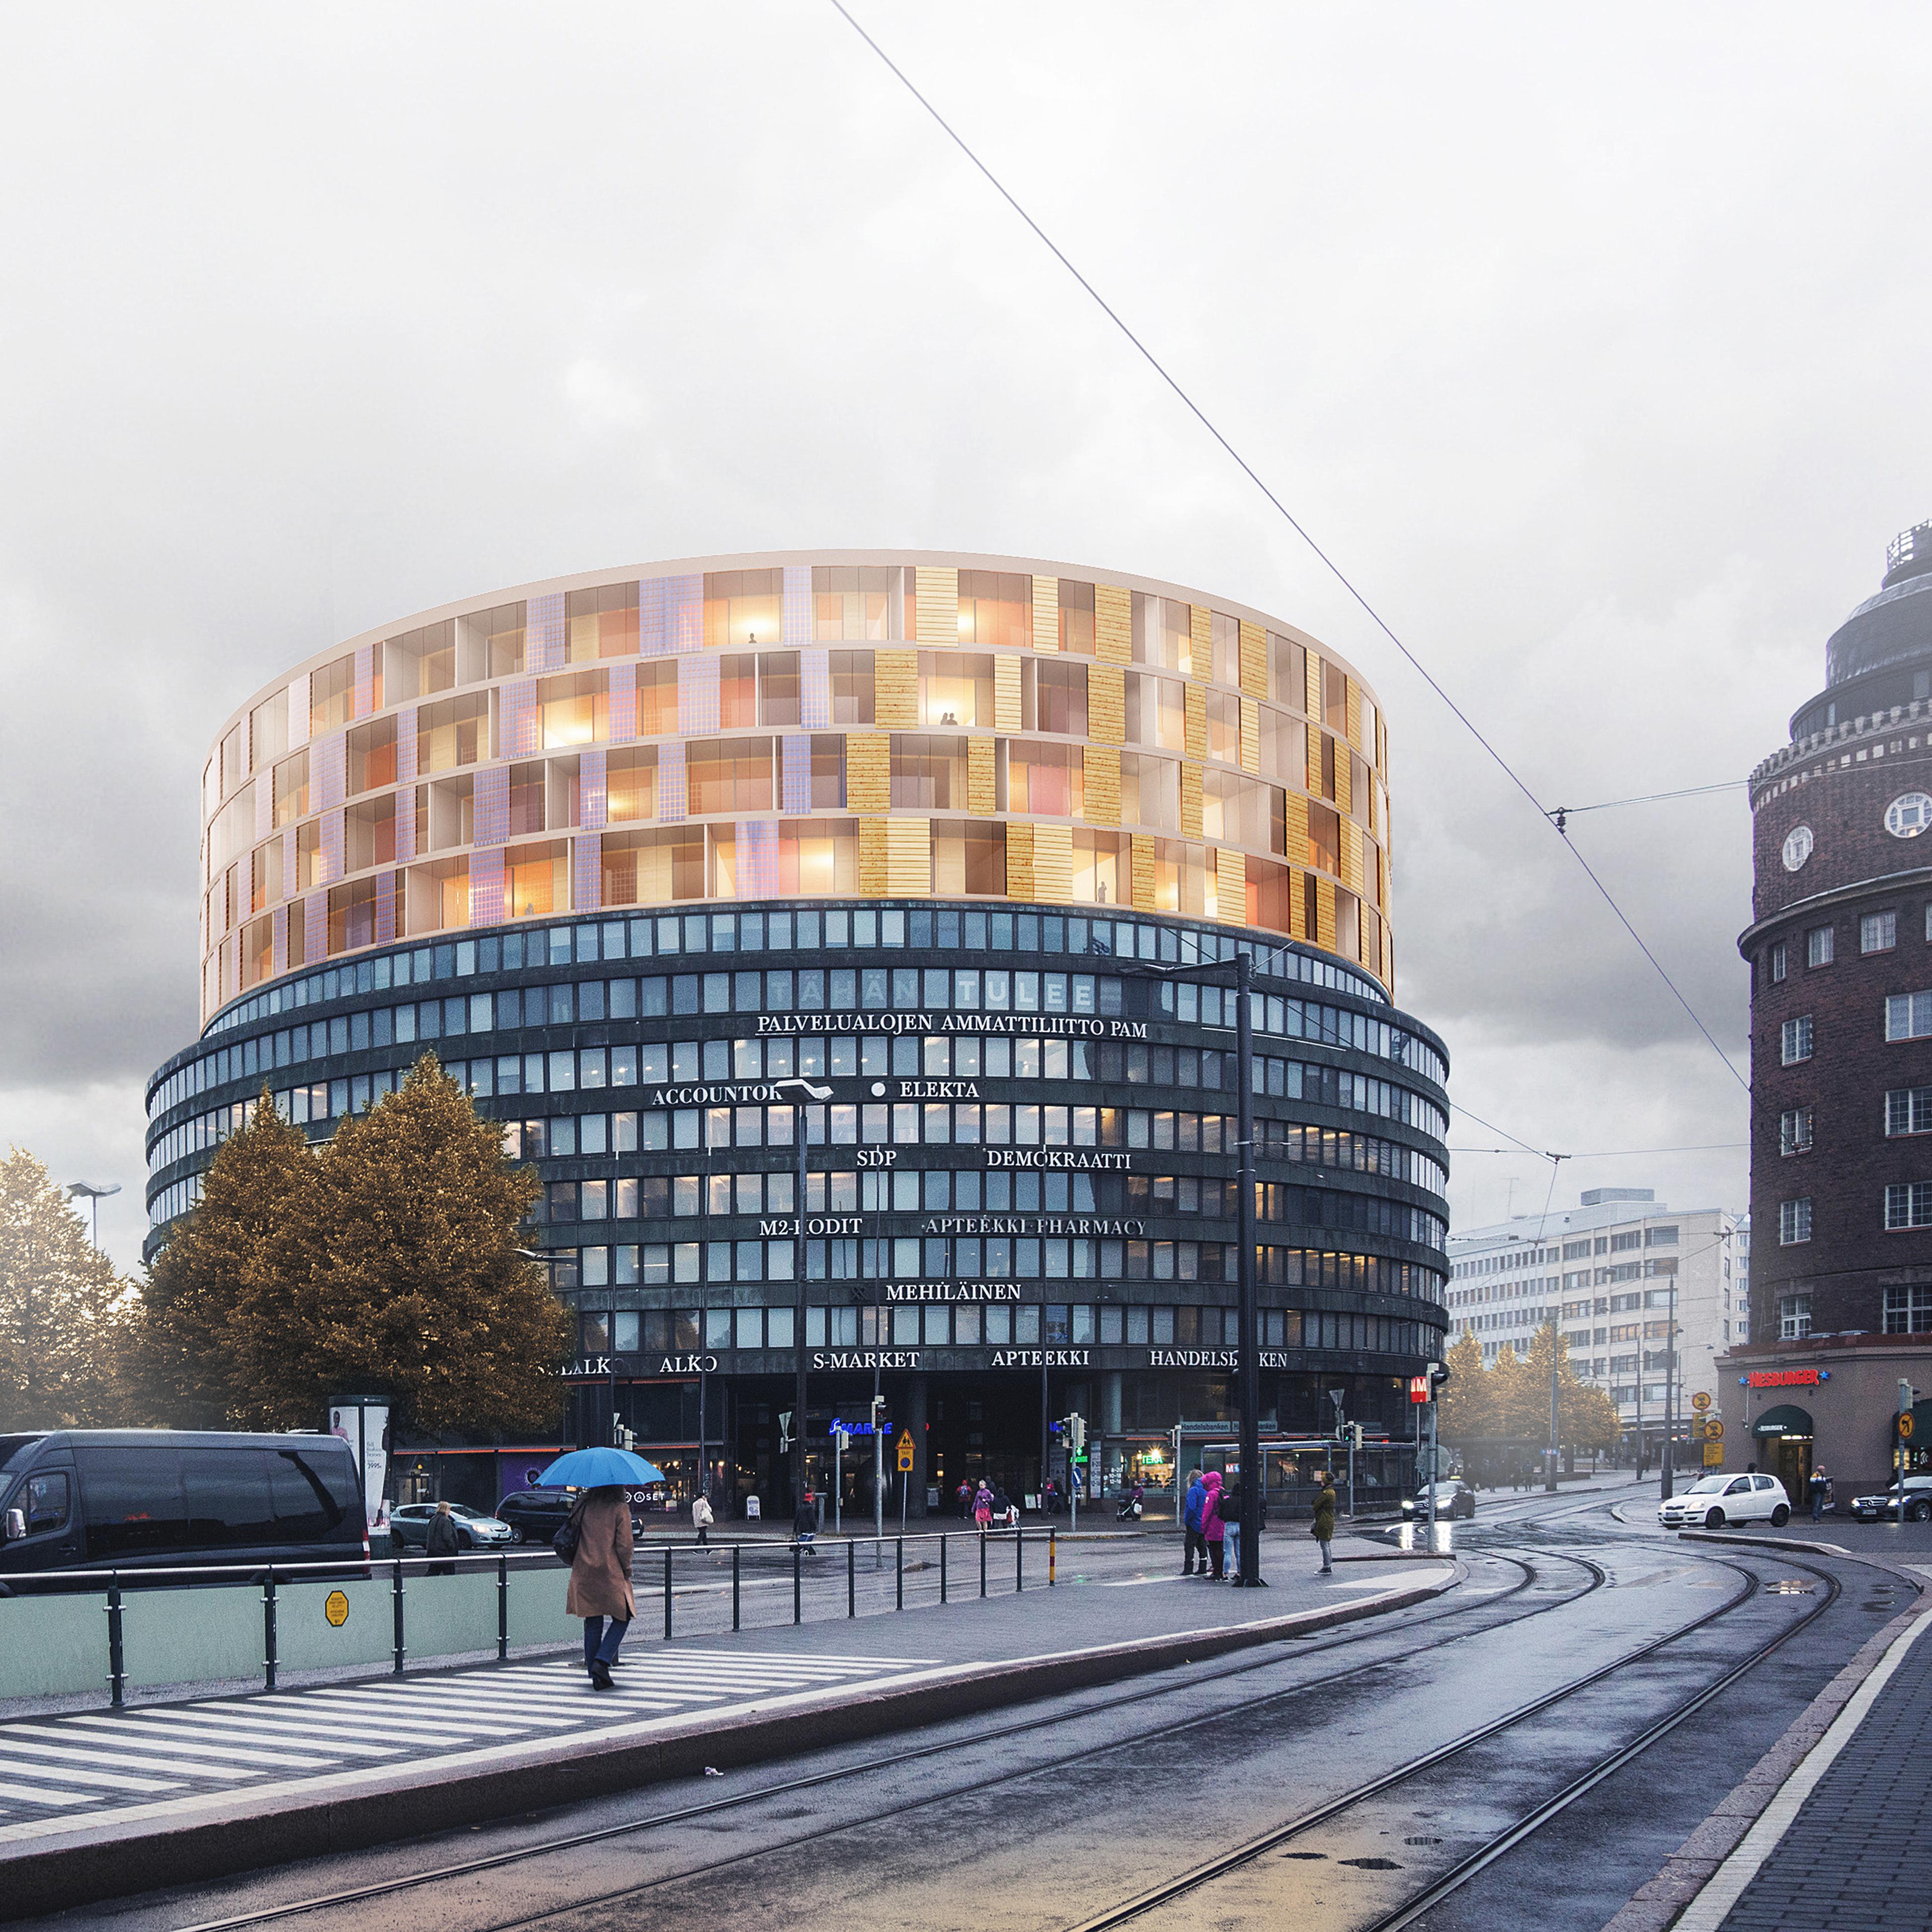 Plug-In kilpailutyö Helsingin Ympyrätaloon Metsä Woodin puulisäkerrosrakentamisessa. Kuva: Metsä Wood